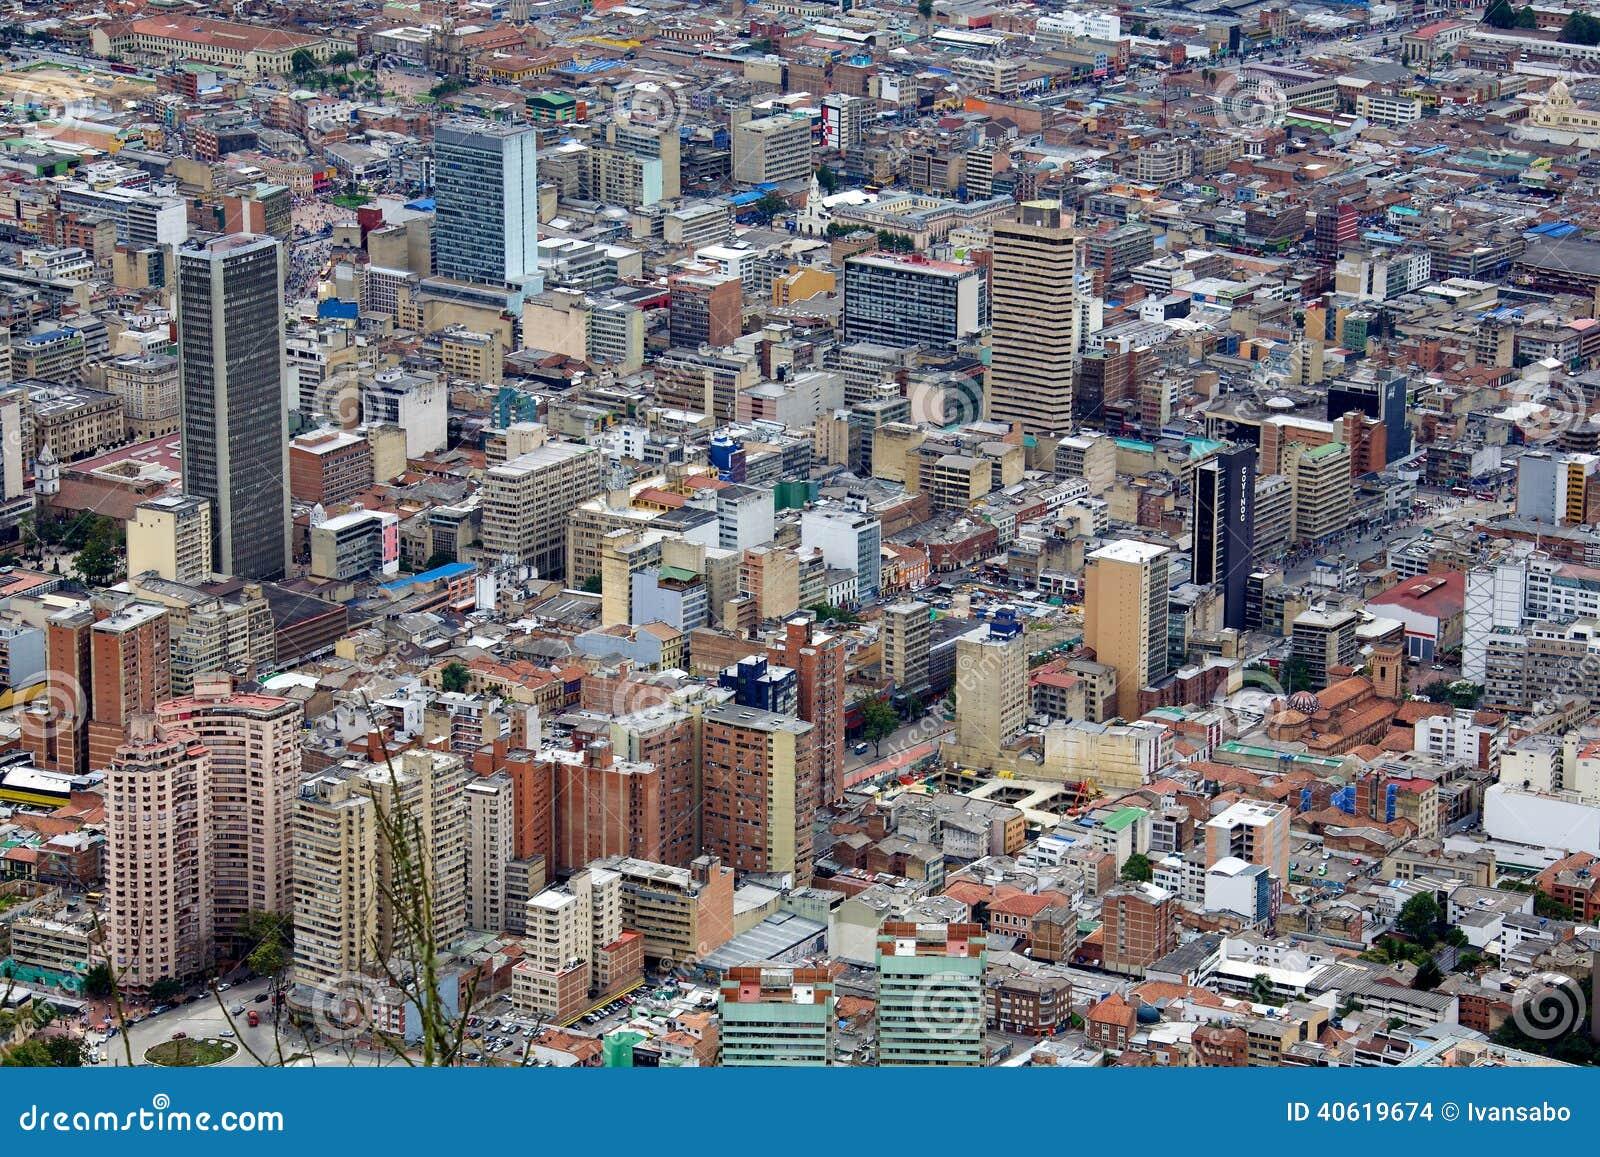 Paysage urbain de la ville de bogota colombie image stock for Paysage de ville